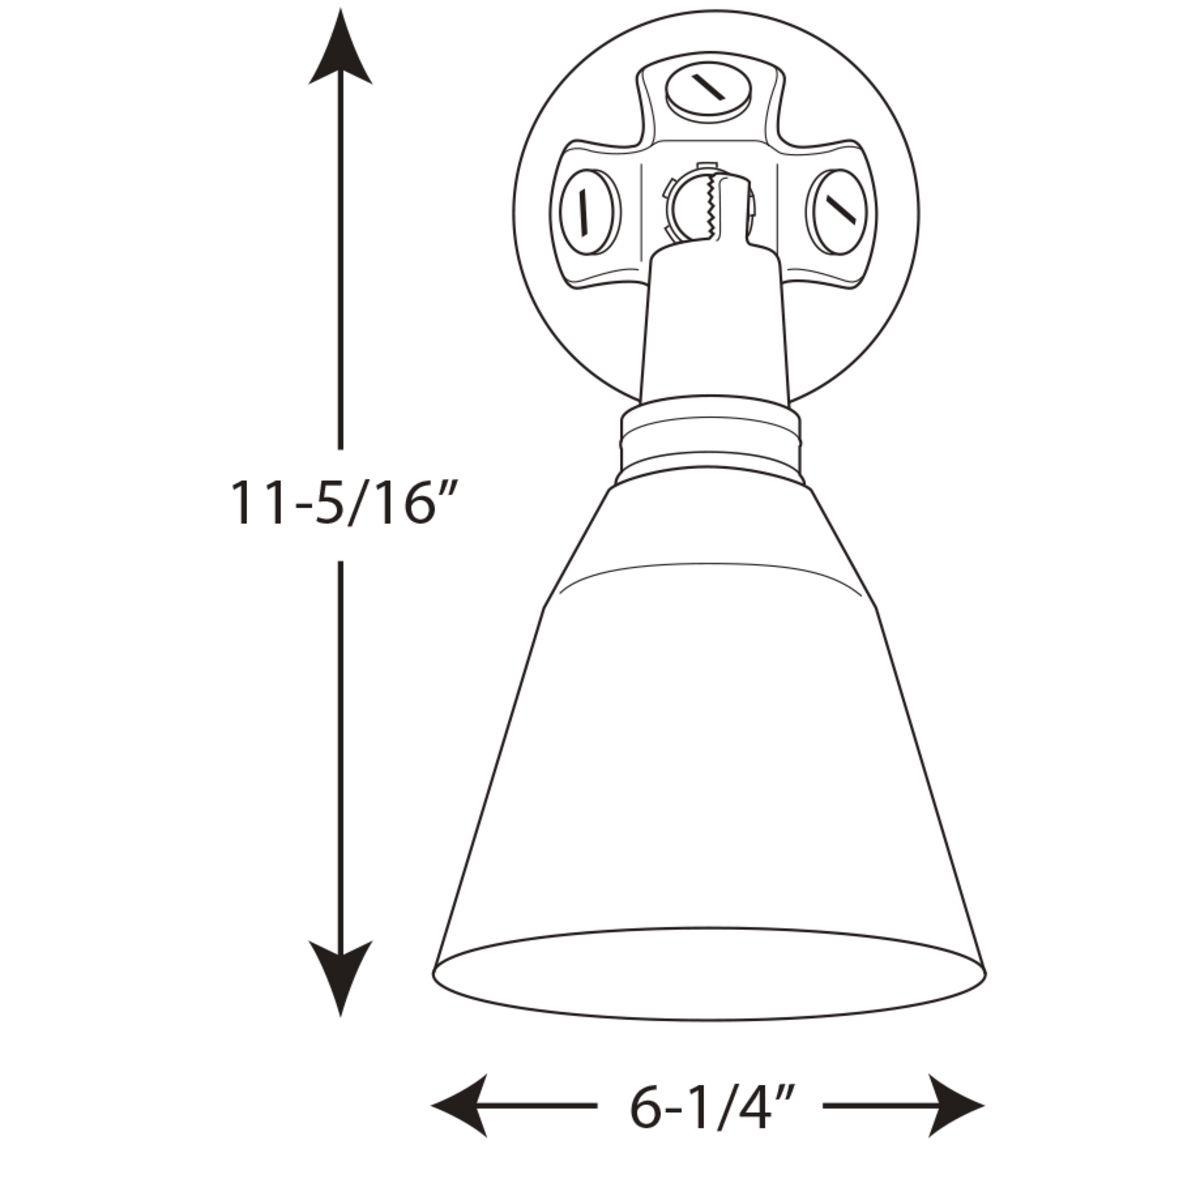 One Light Adjustable Swivel Flood Light